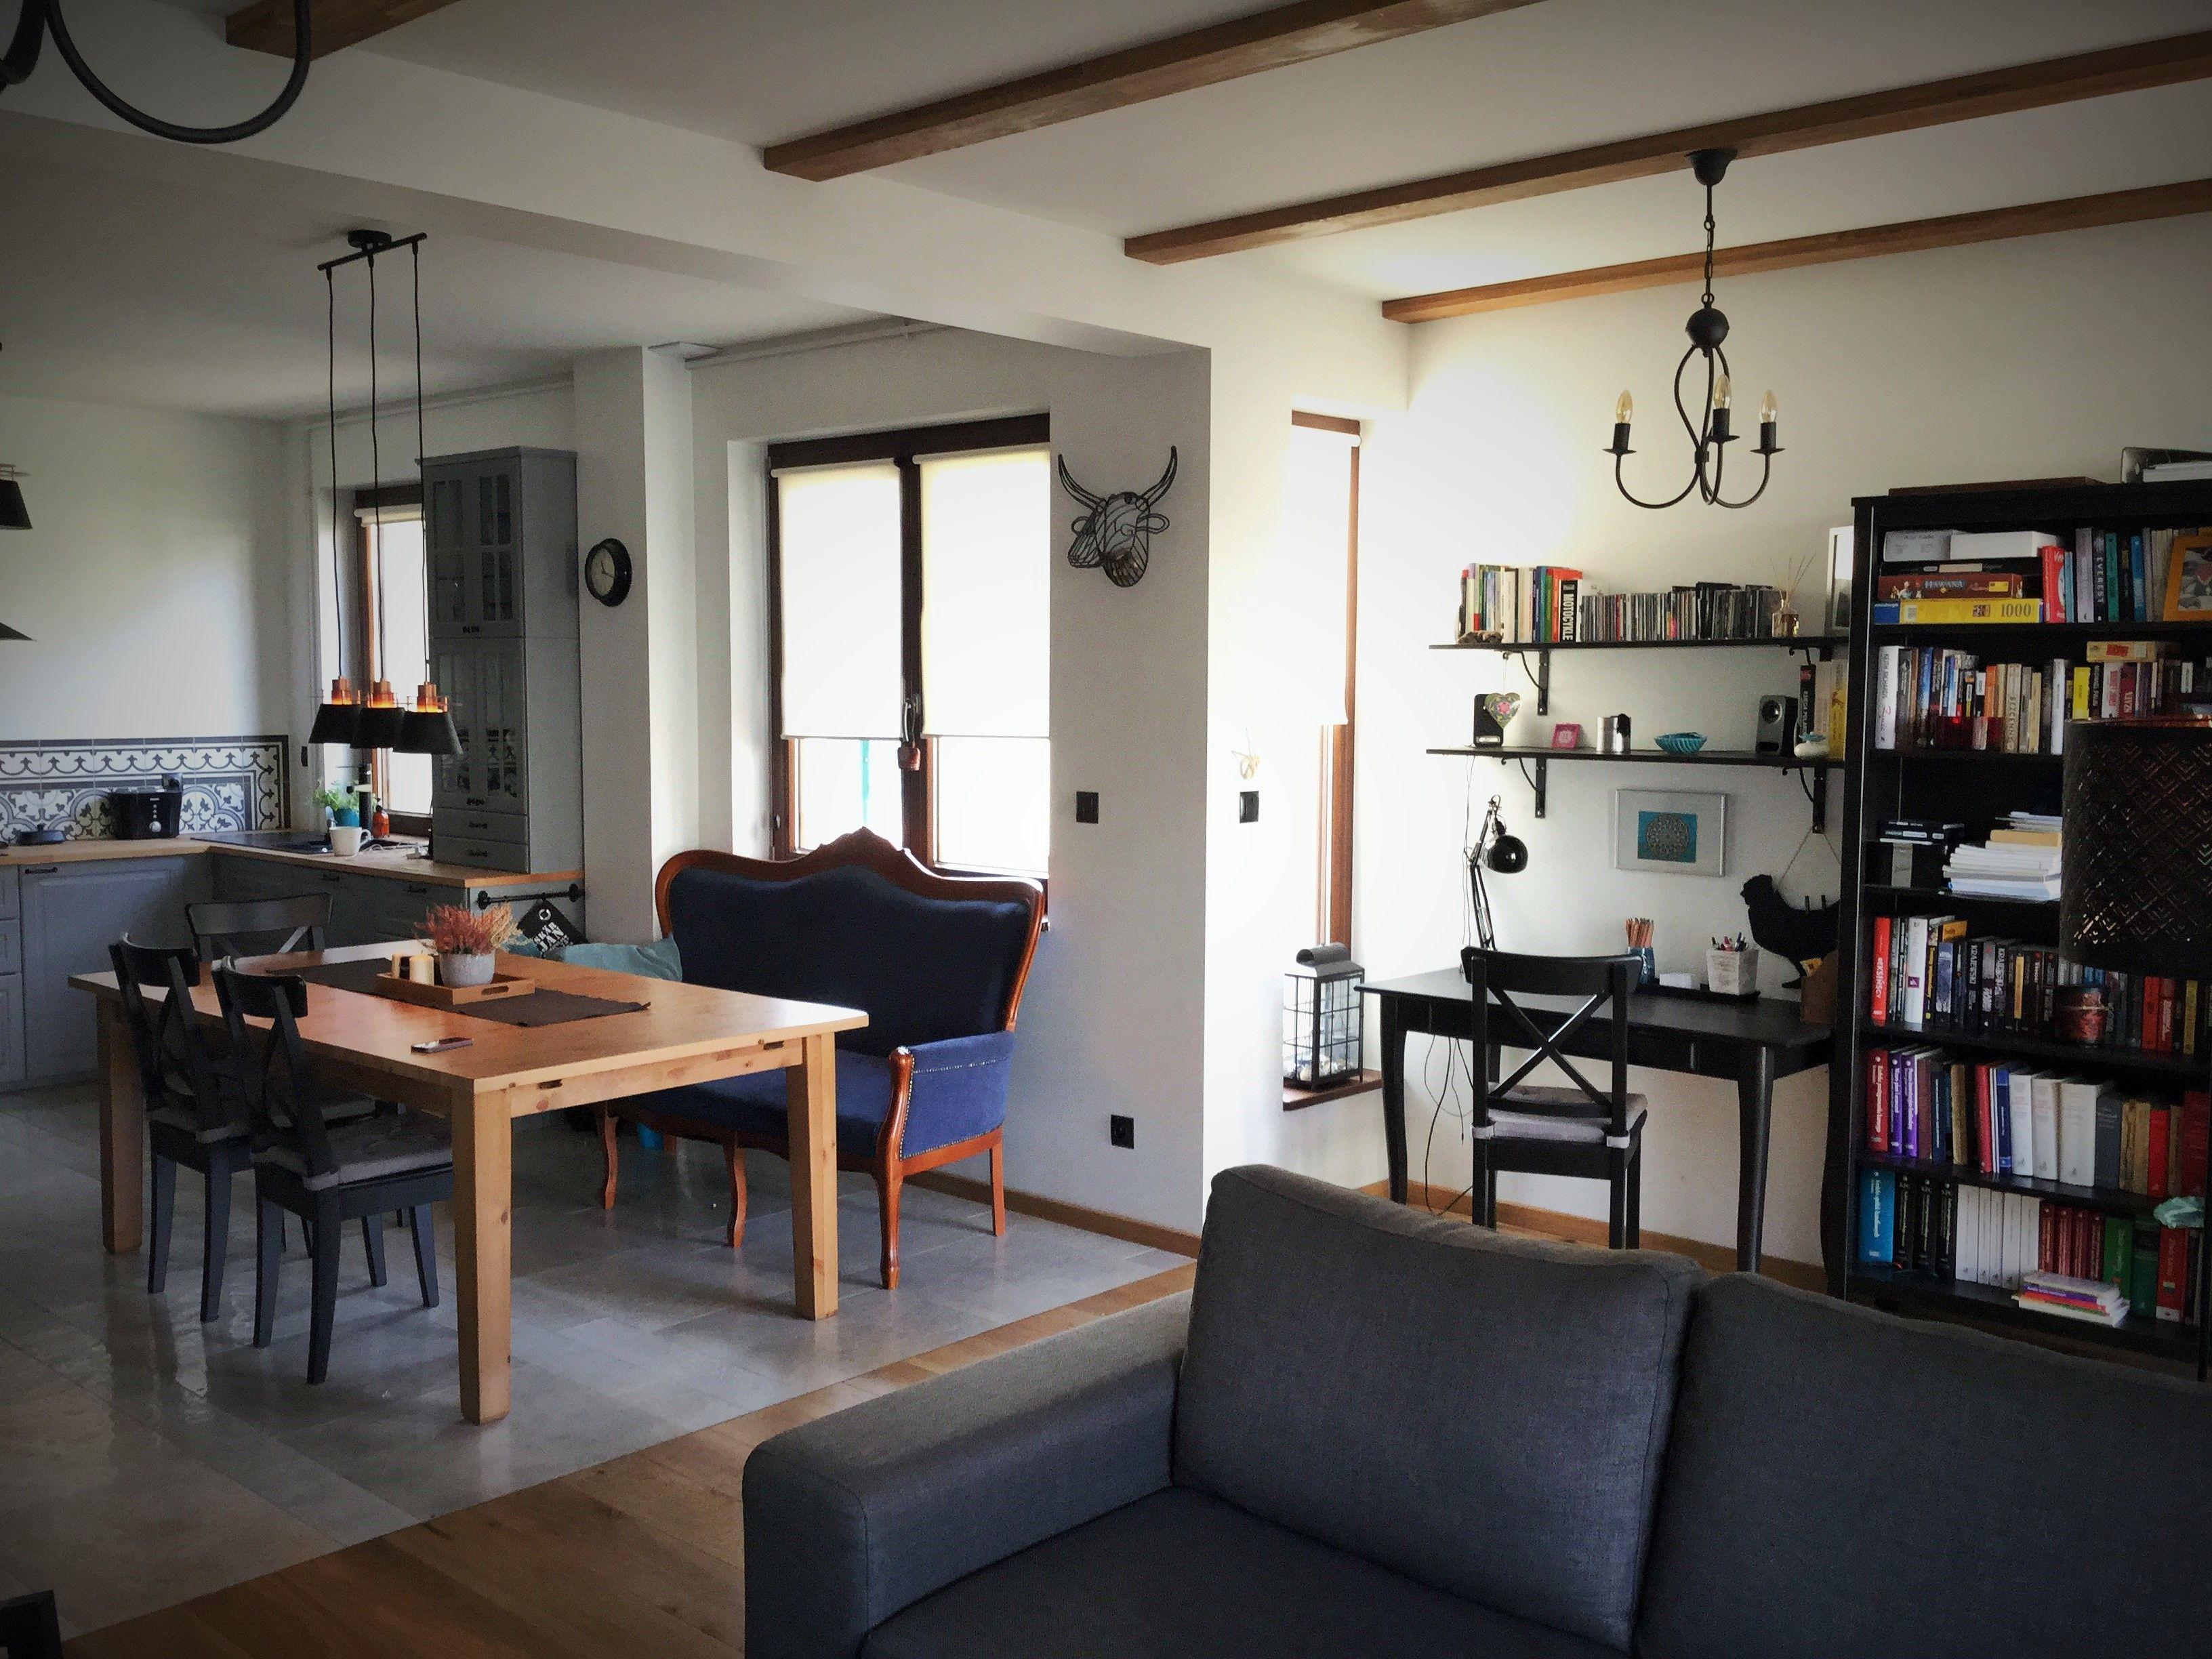 Idee Fur Aussergewohnliche Kuche Zementfliesen Fliesen Wohnideen Haus Interessant Lifestyle Home Inspiration Modern D Zementfliesen Fliesen Haus Deko